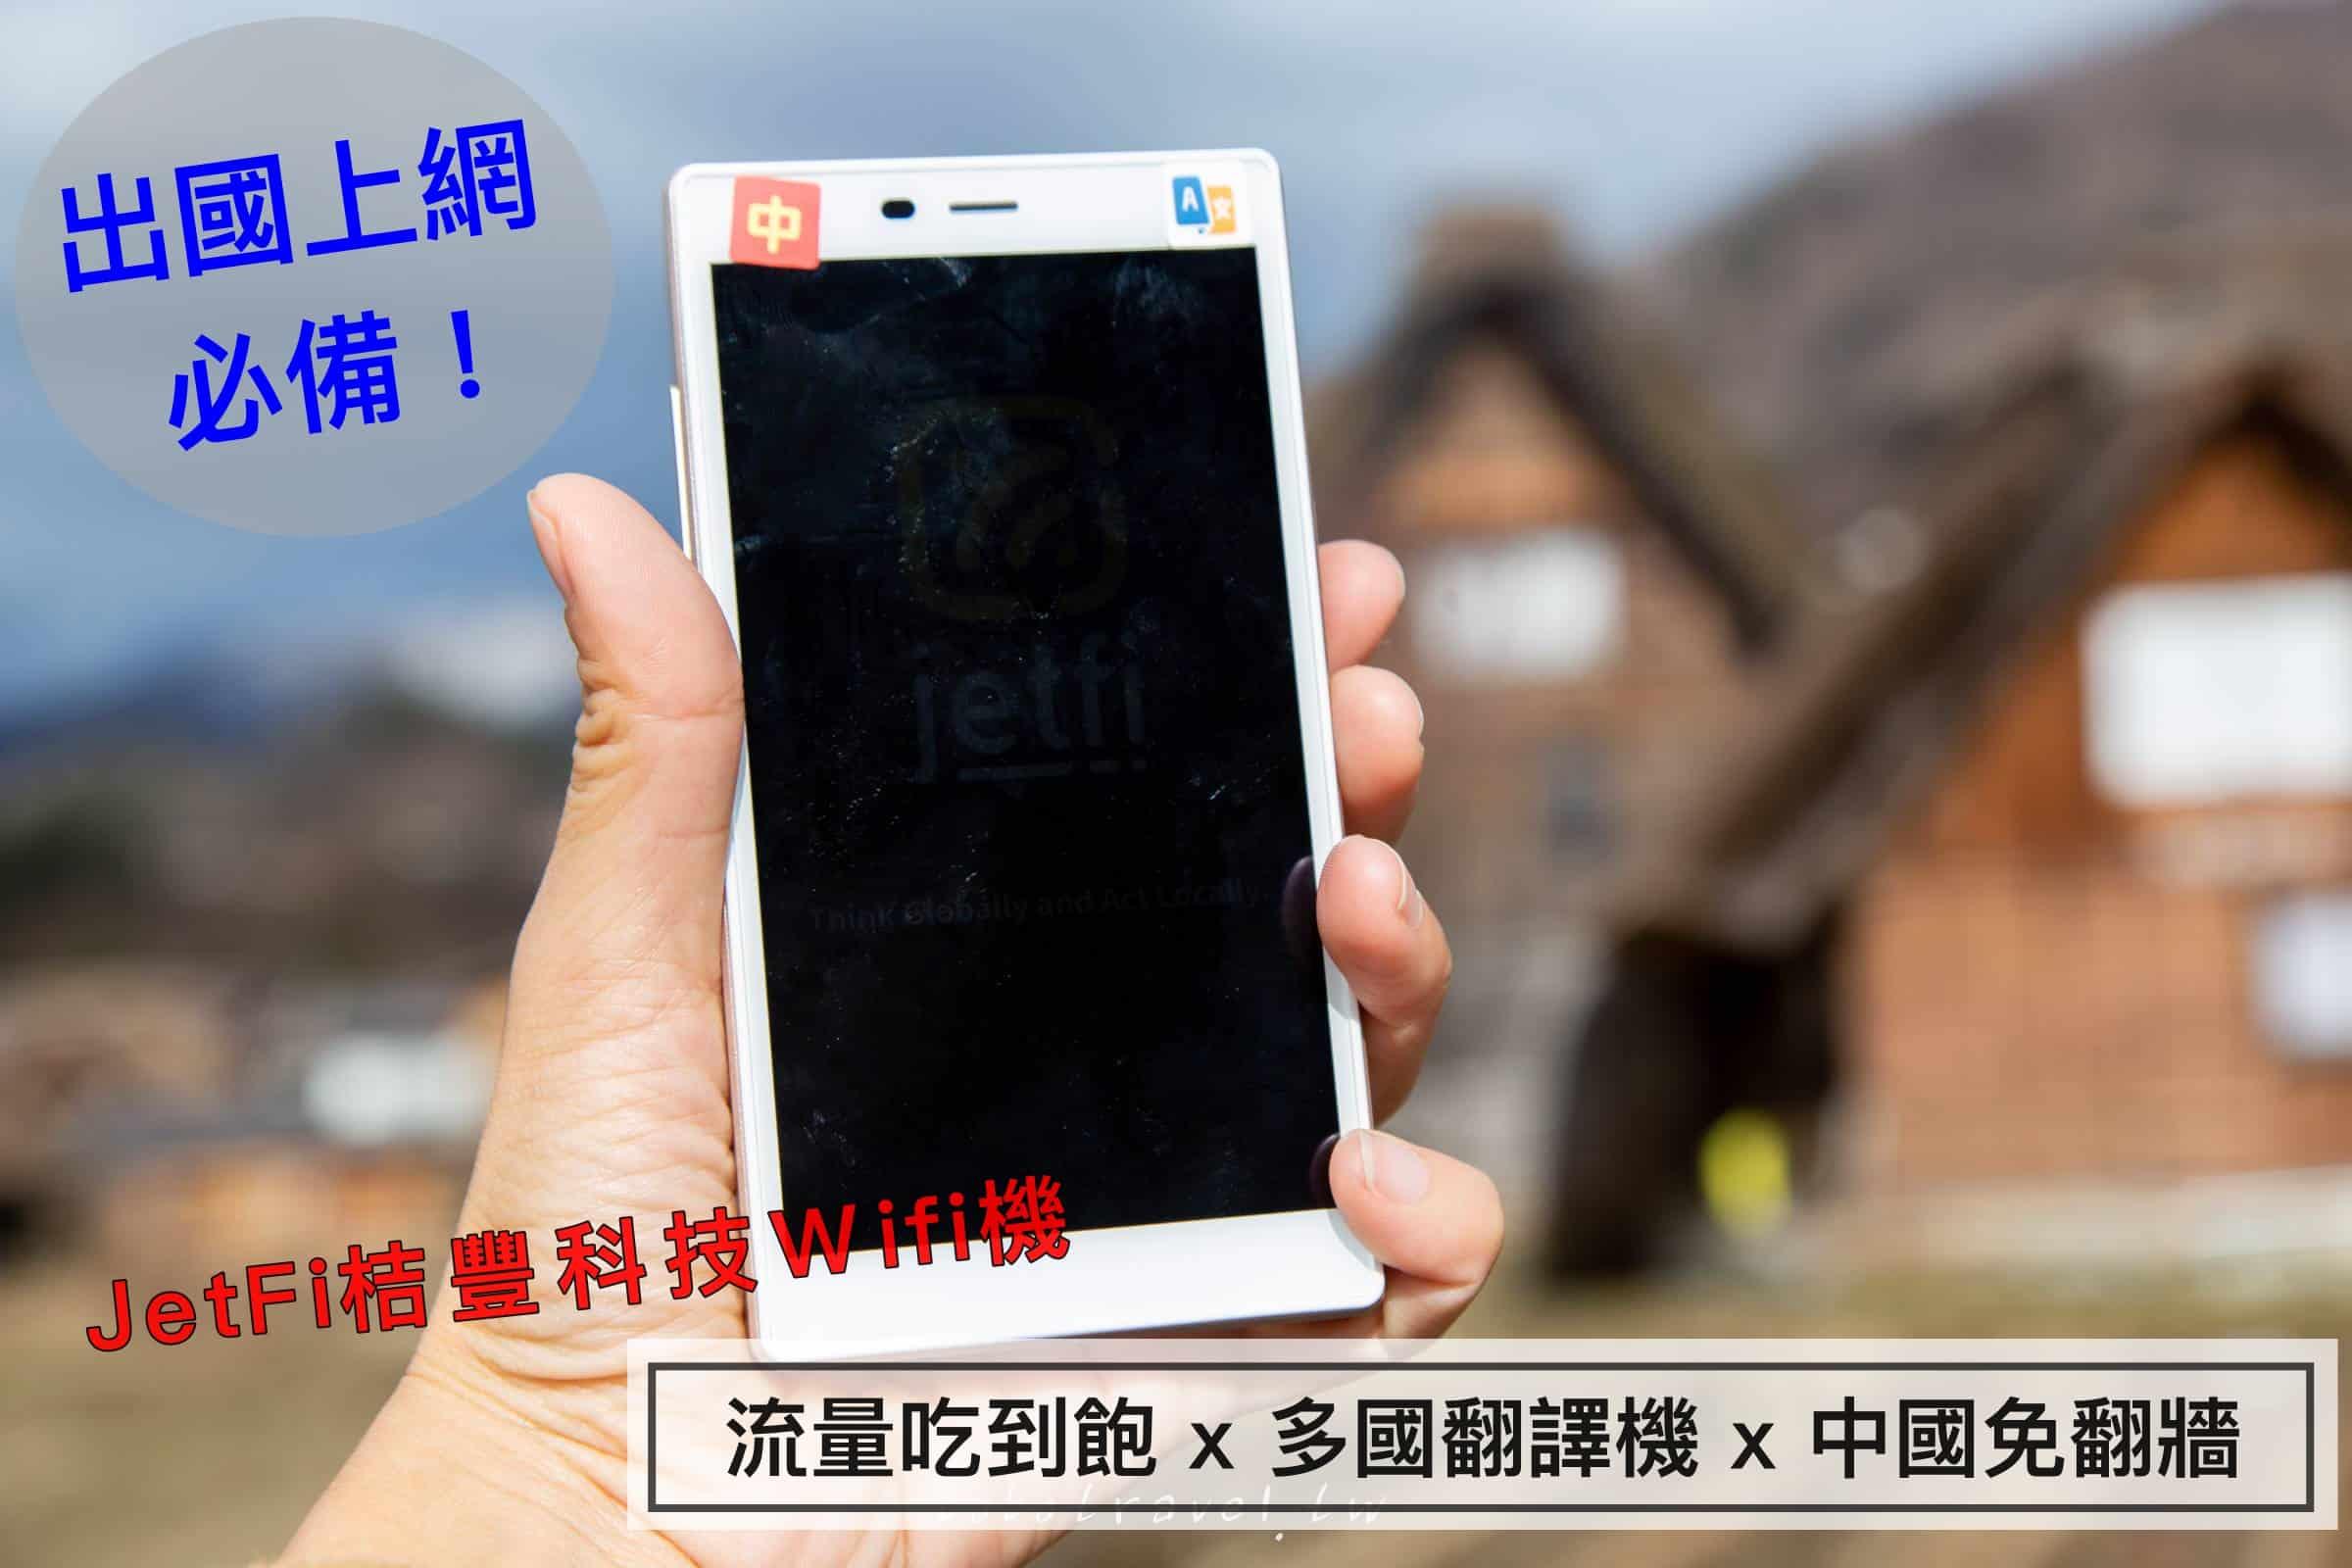 出國上網方案、桔豐科技wifi機優惠連結|中國上網免翻牆、日本韓國吃到飽上網超便宜,還可當23國翻譯機